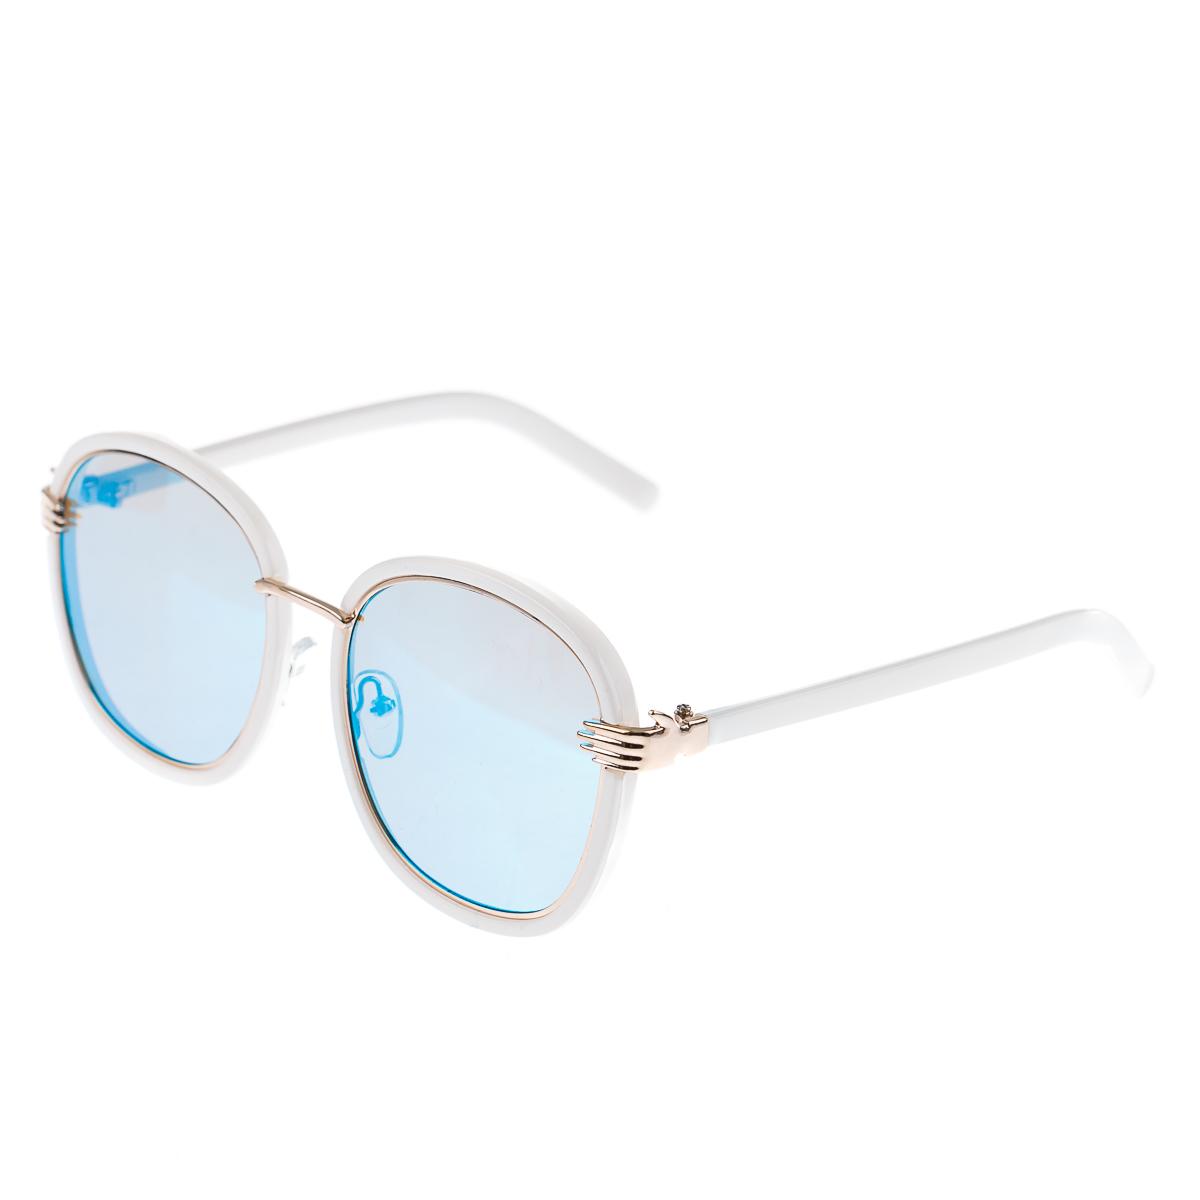 Очки с голубыми и розовыми линзами в бело-золотой оправе с белыми дужками (и руками у основания дуже